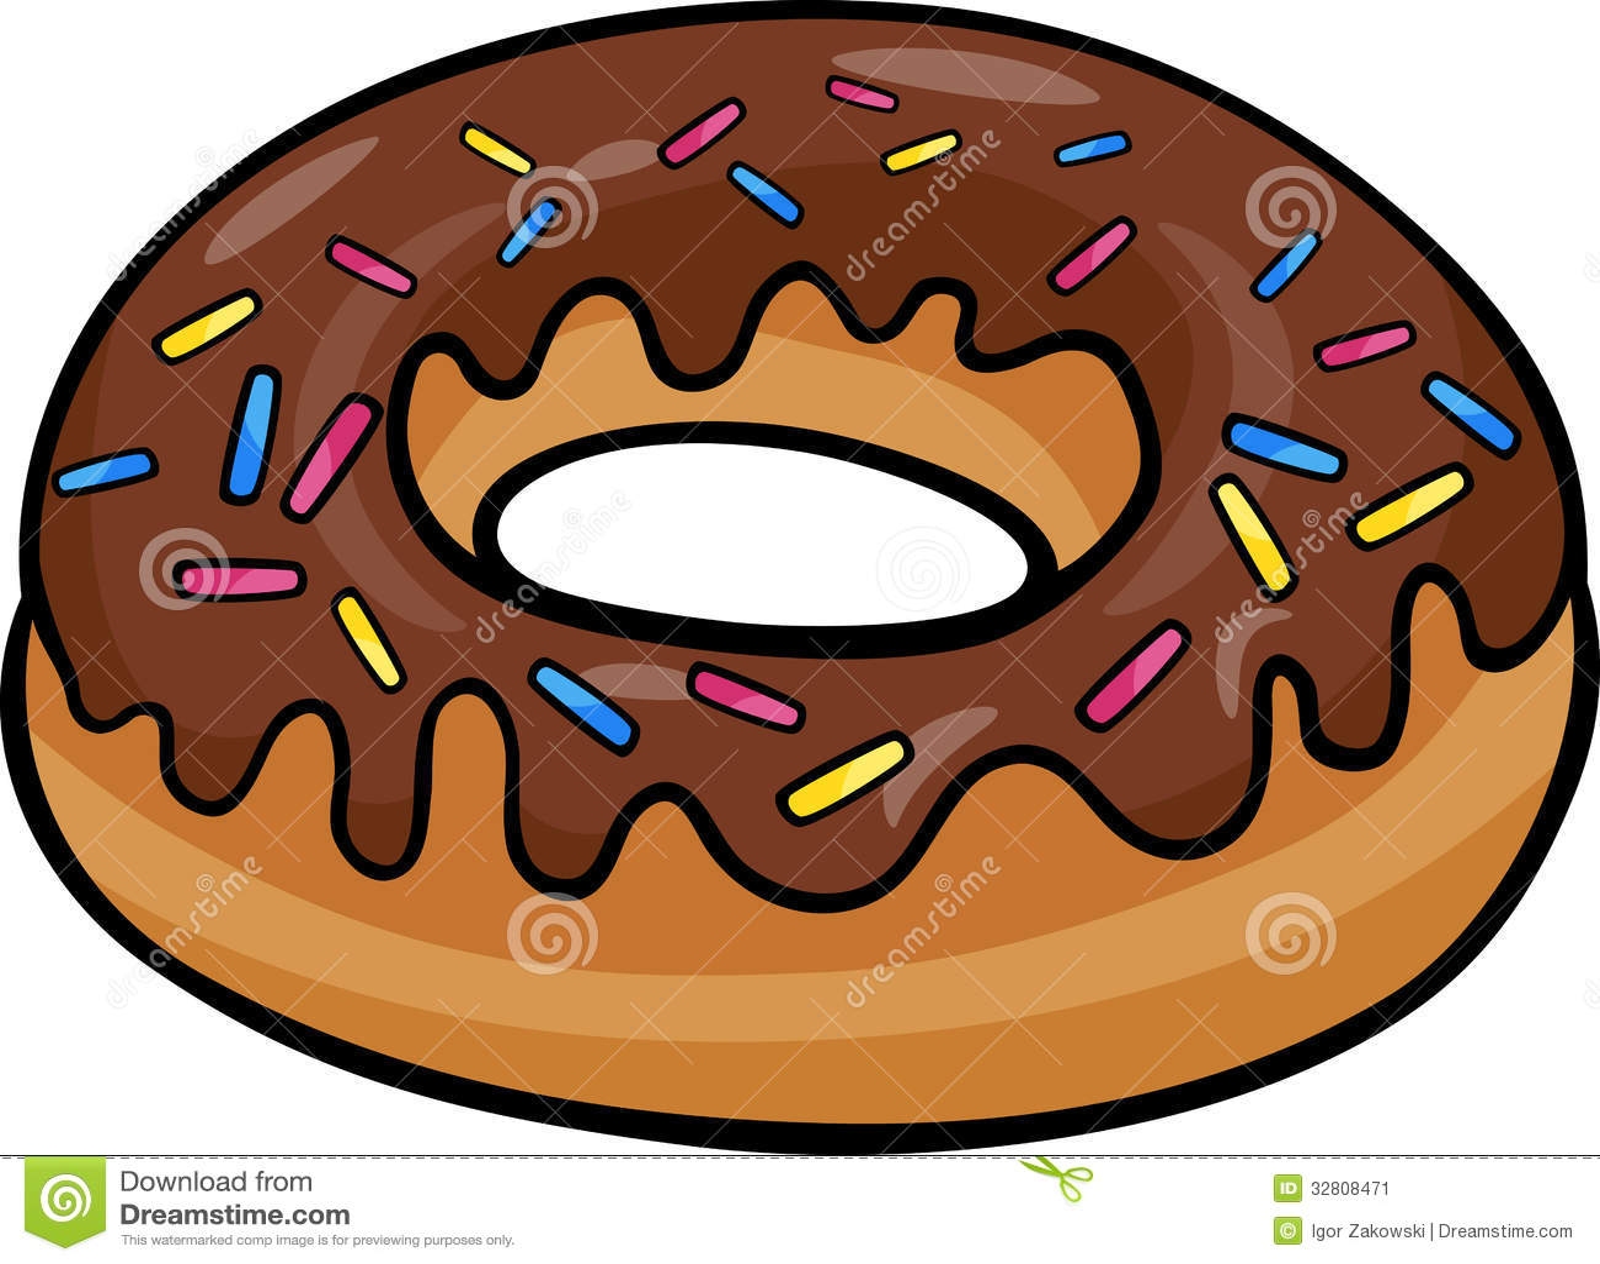 Donut Clip Art Cartoon Illustration Stock Image